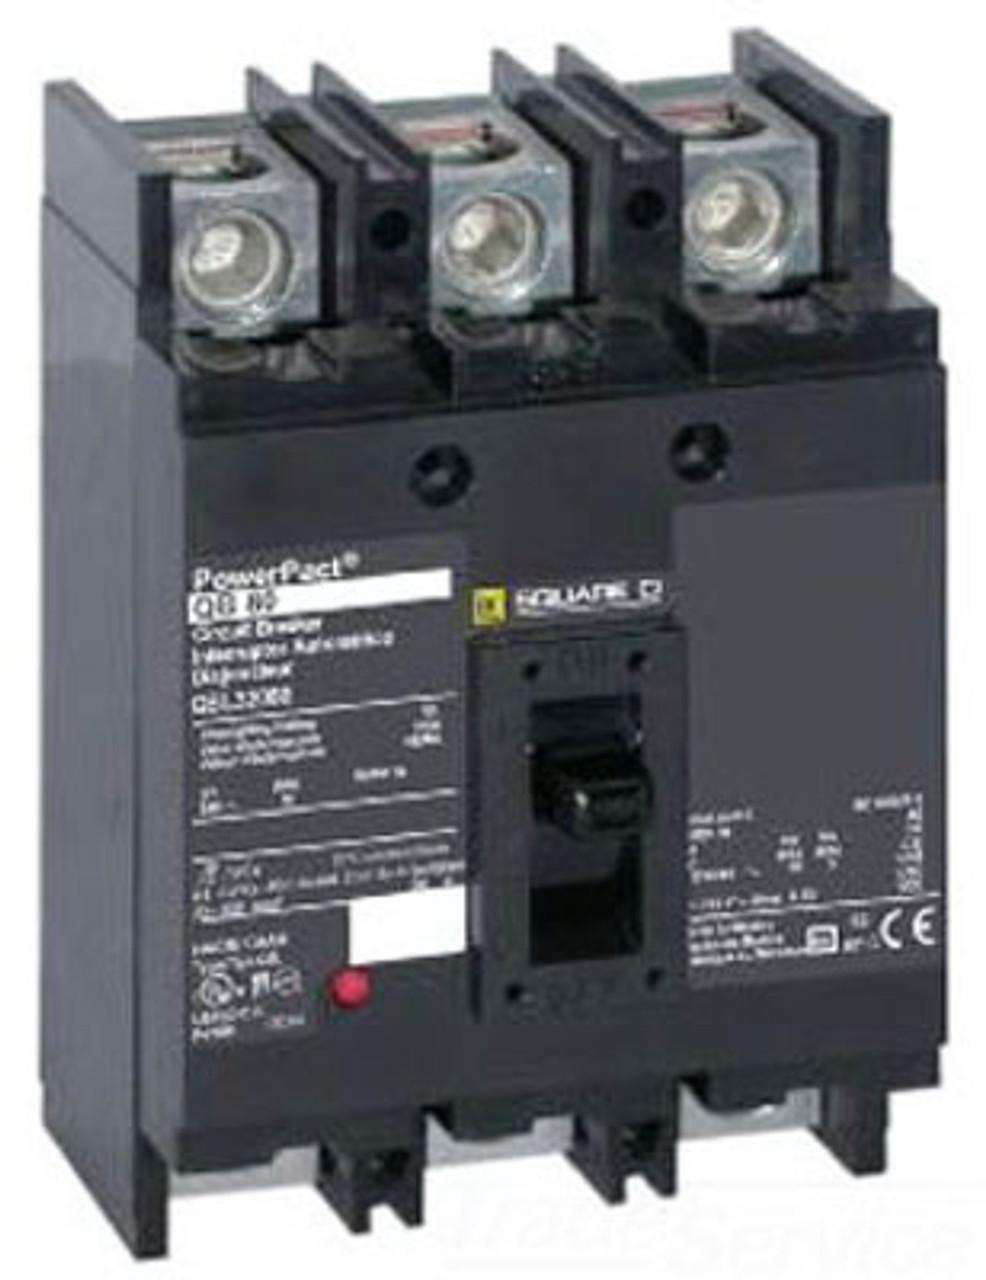 Square D QDP32225TP 3 Pole 225 Amp 240V Circuit Breaker - Used